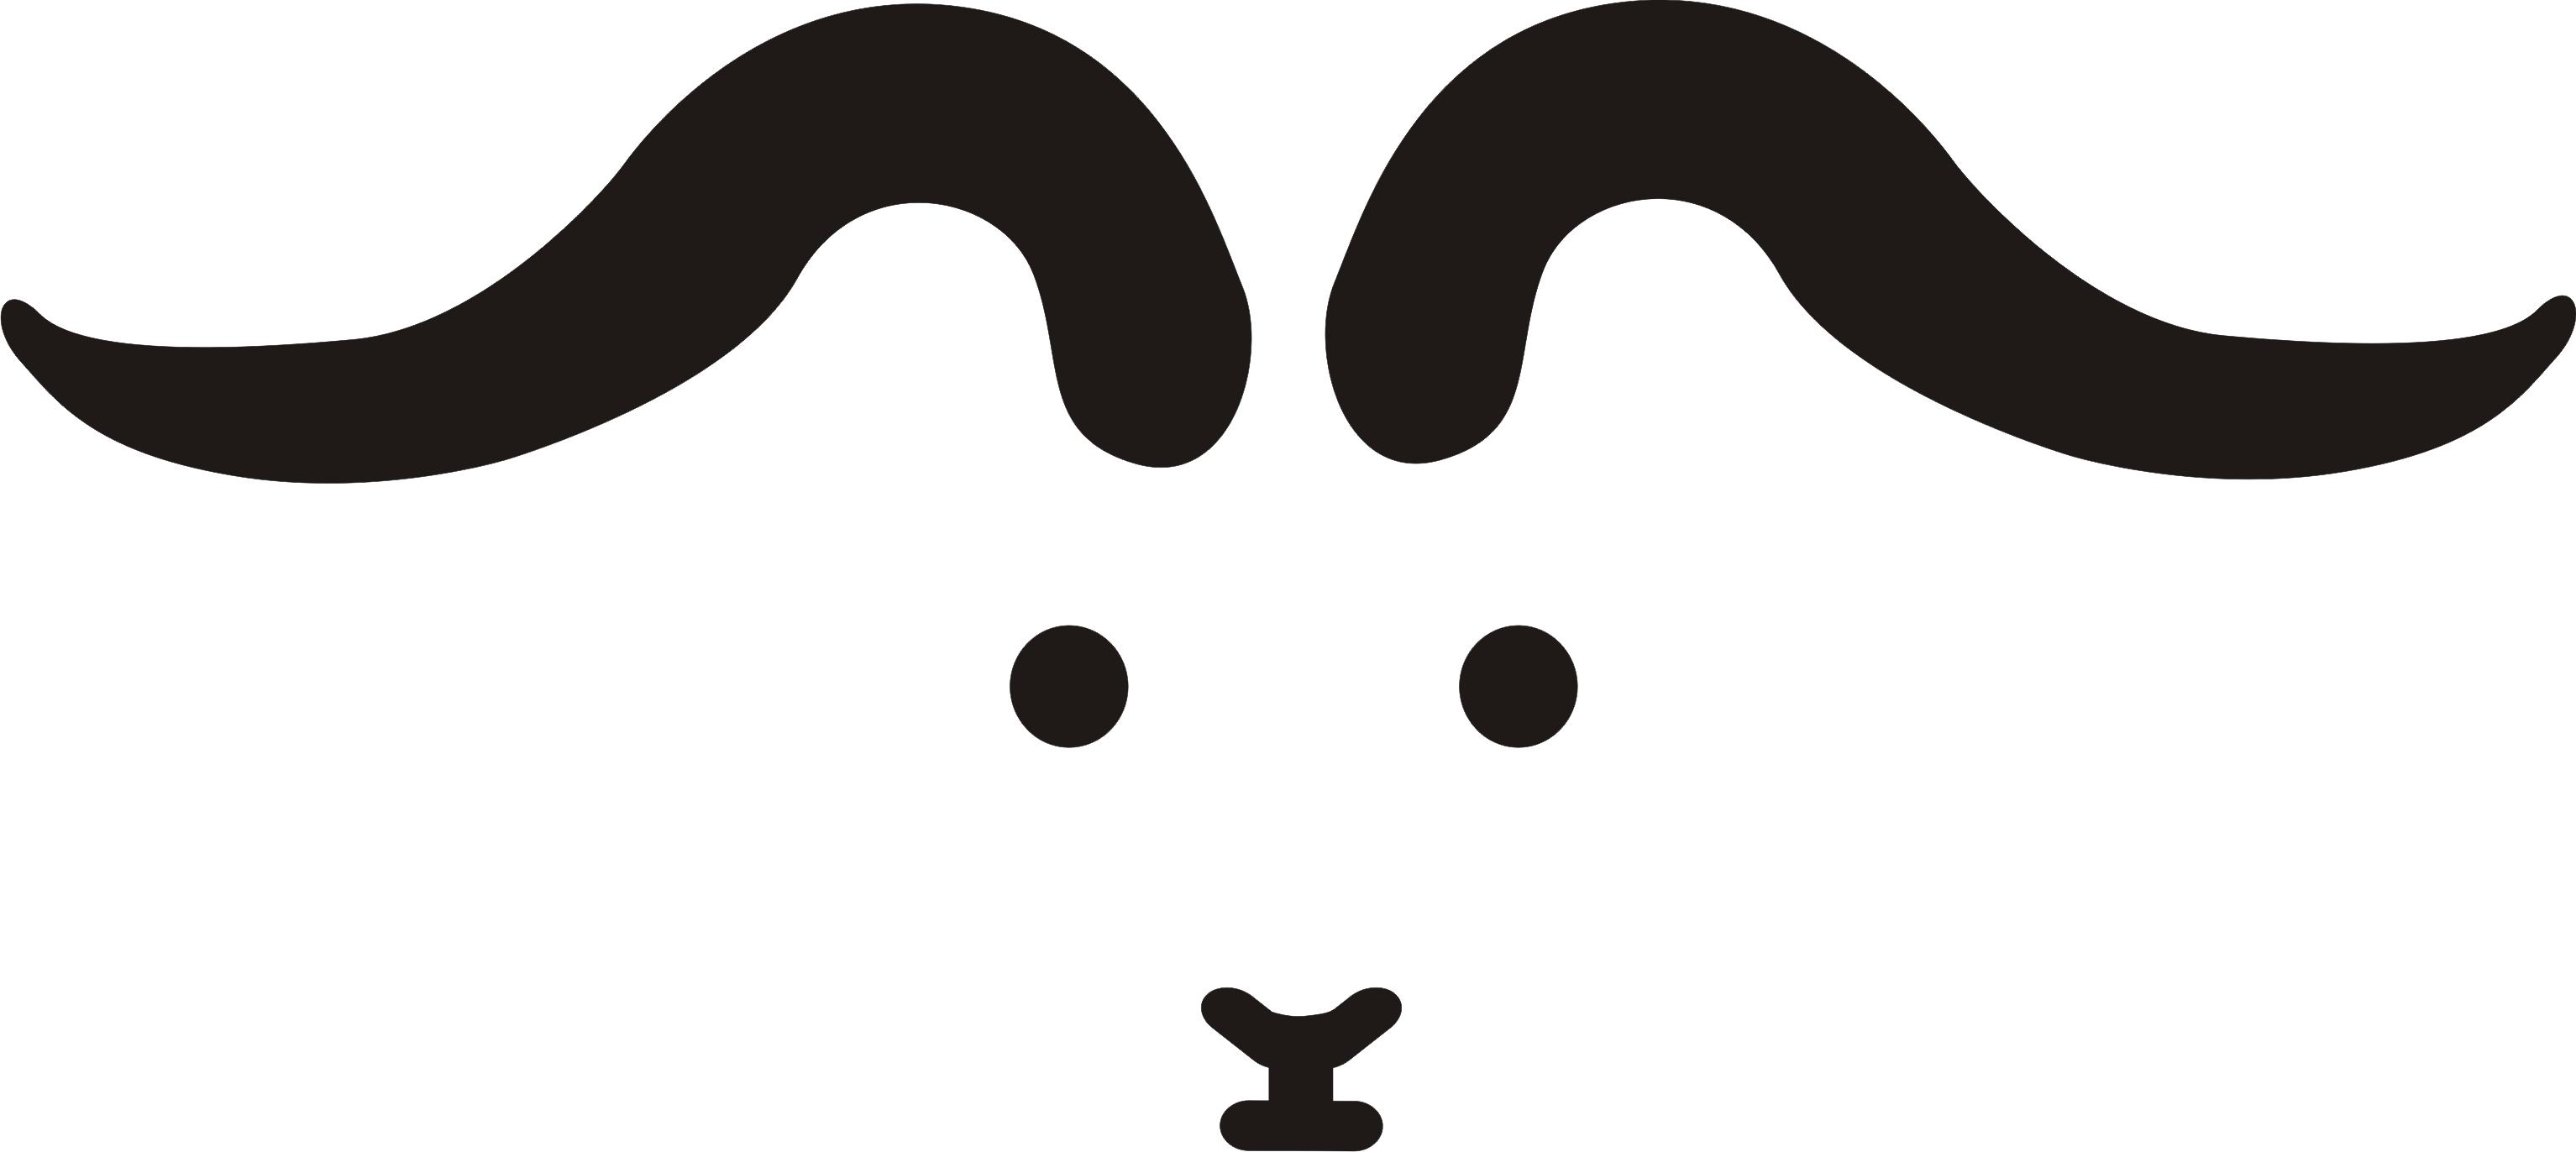 The brand pinterest. Clipart goat horns